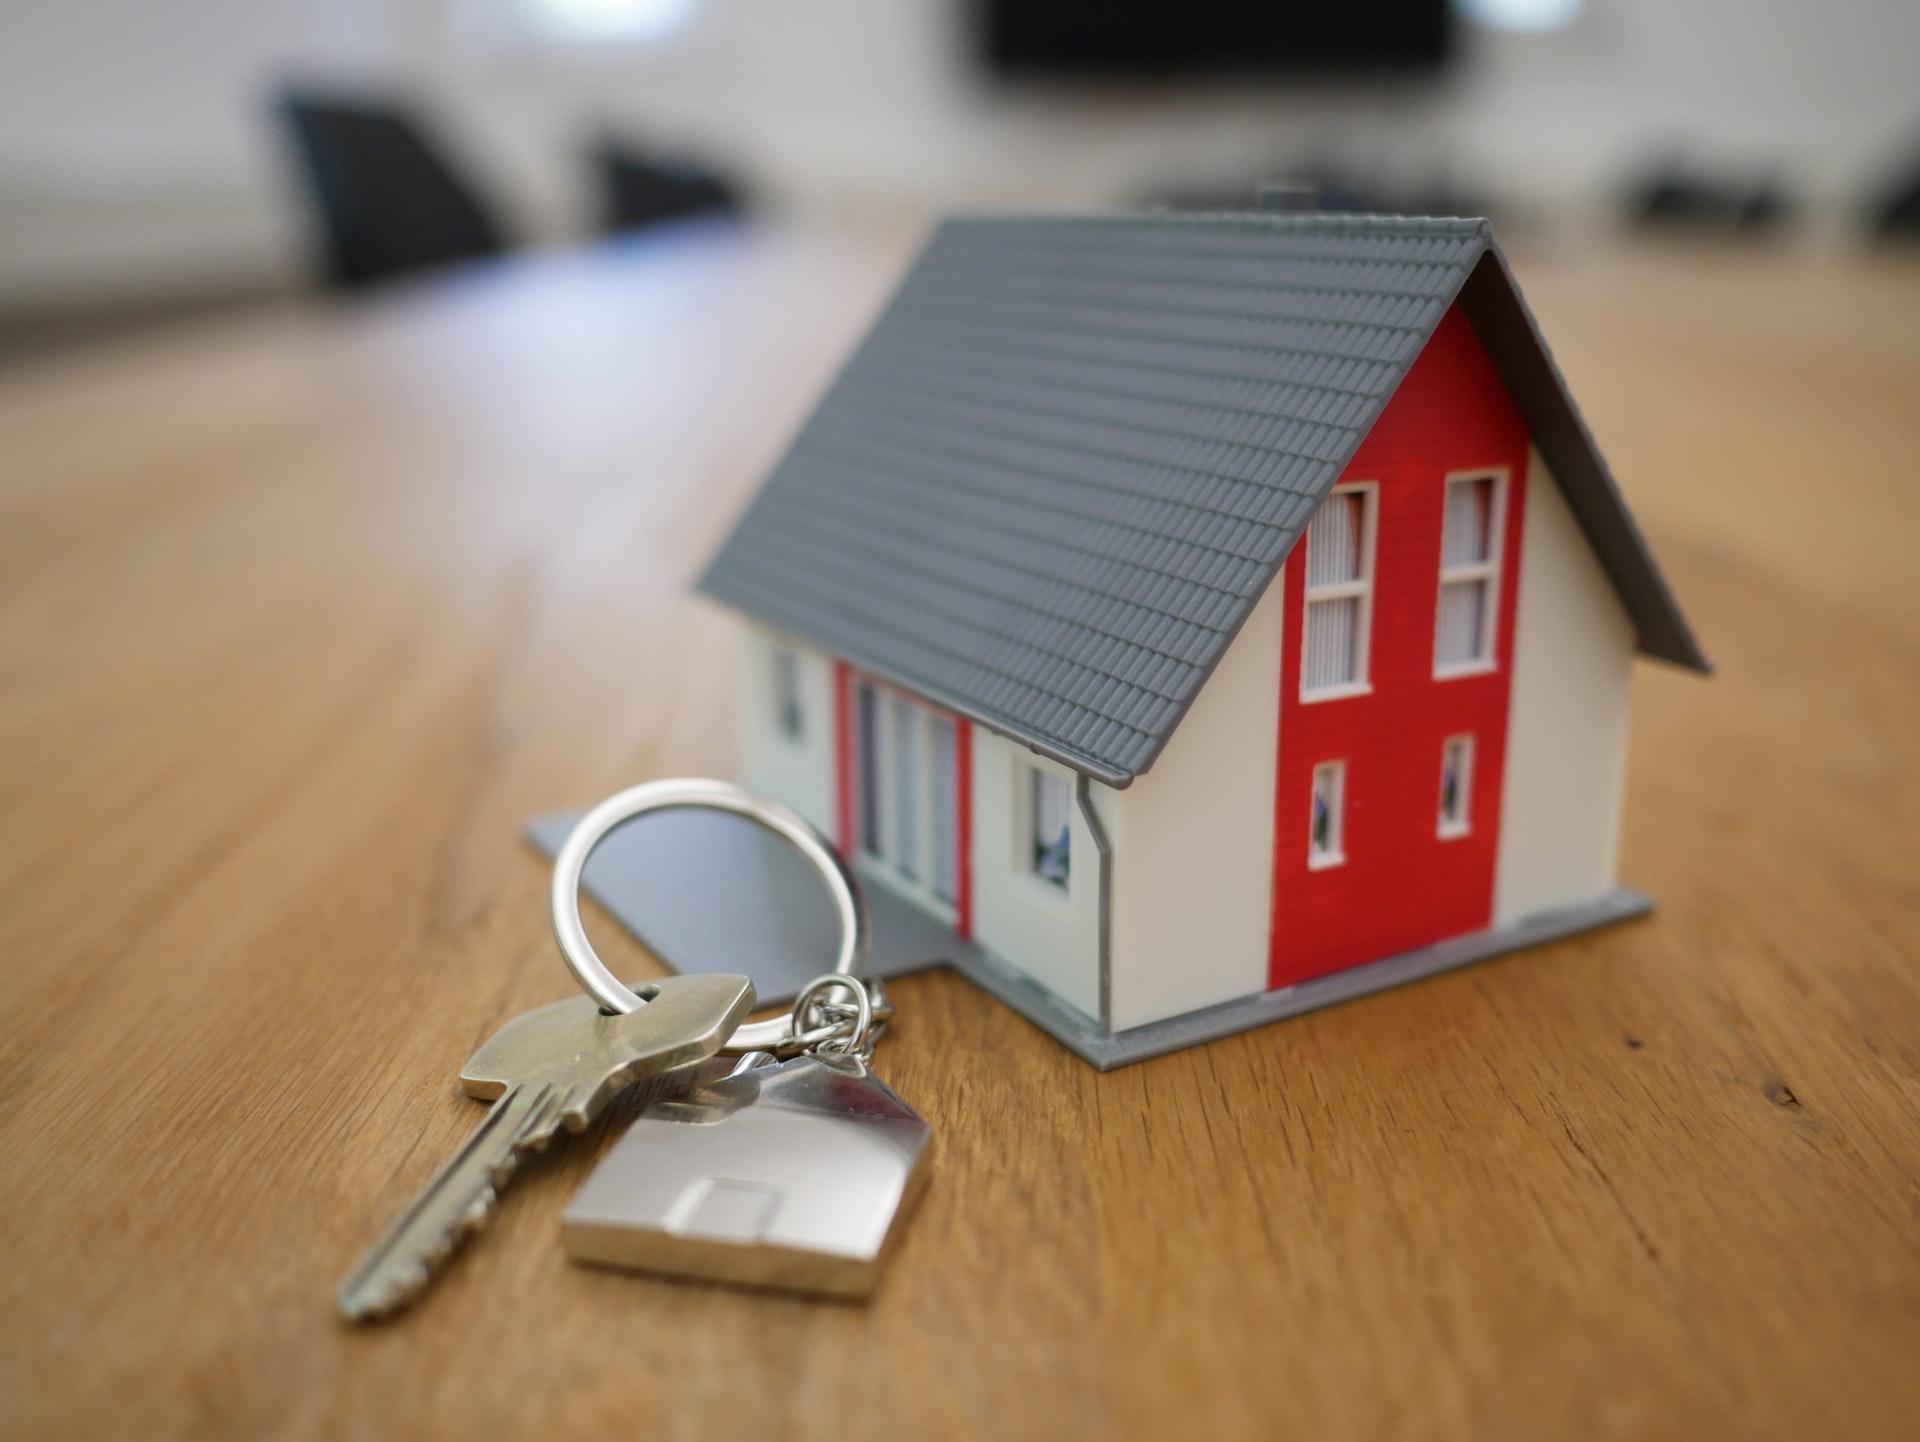 Seguro Crédito Habitação - É Obrigatório? Condições 2021